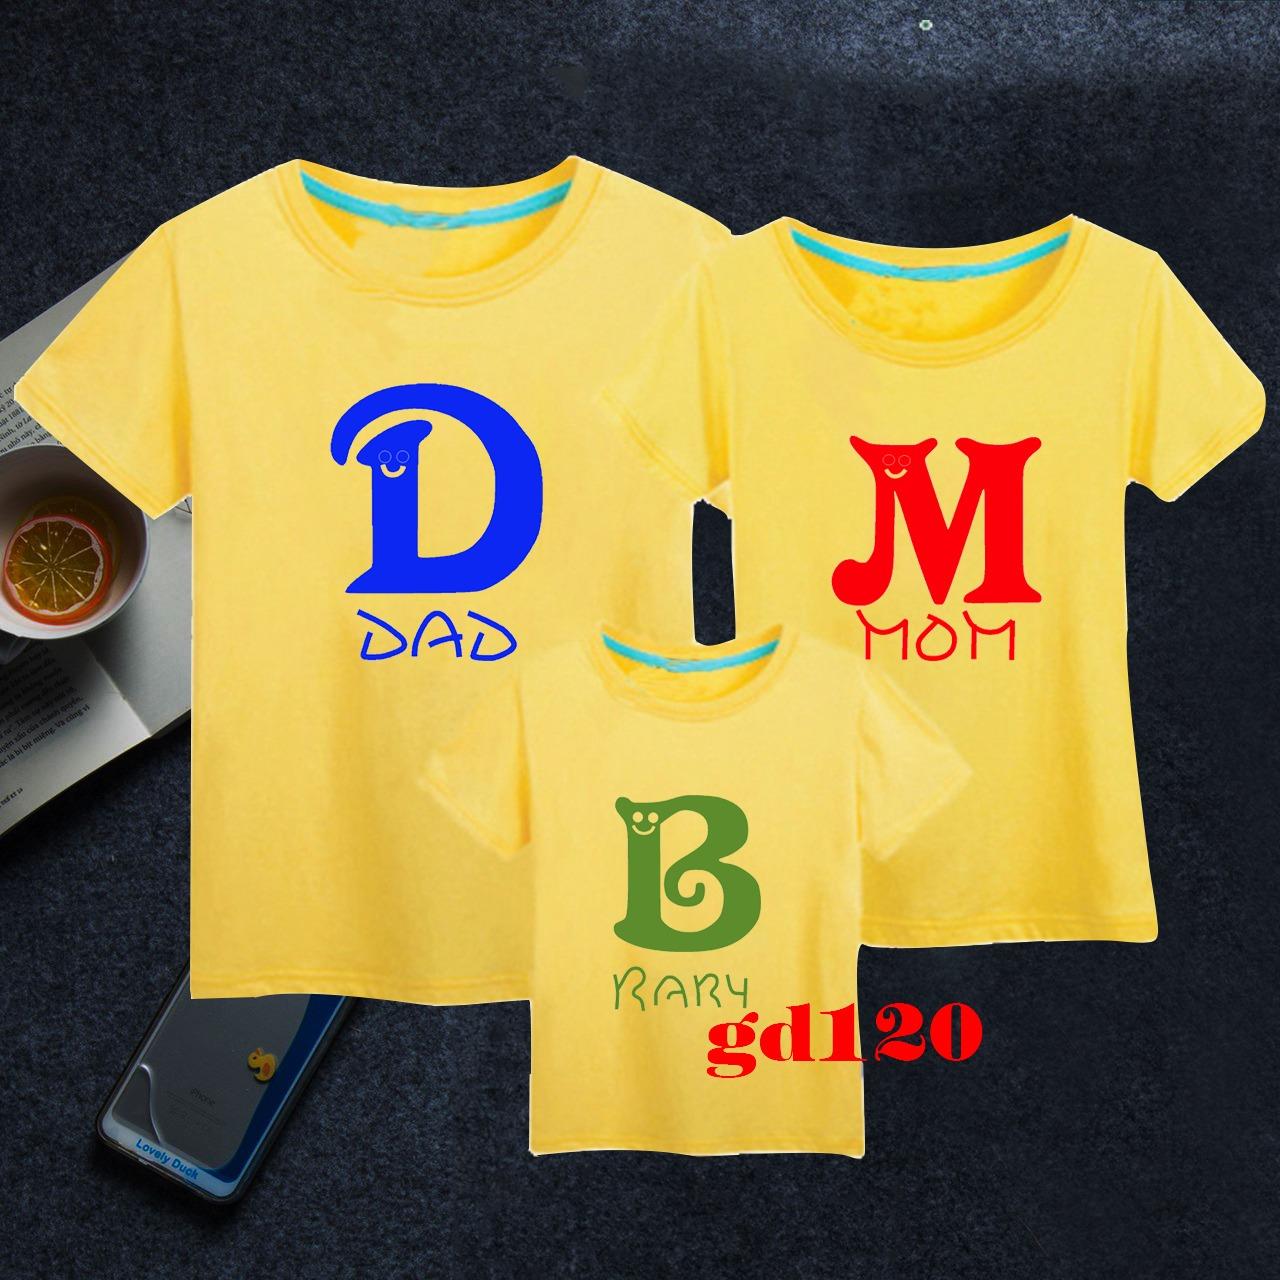 đặt mua áo thun gia đình